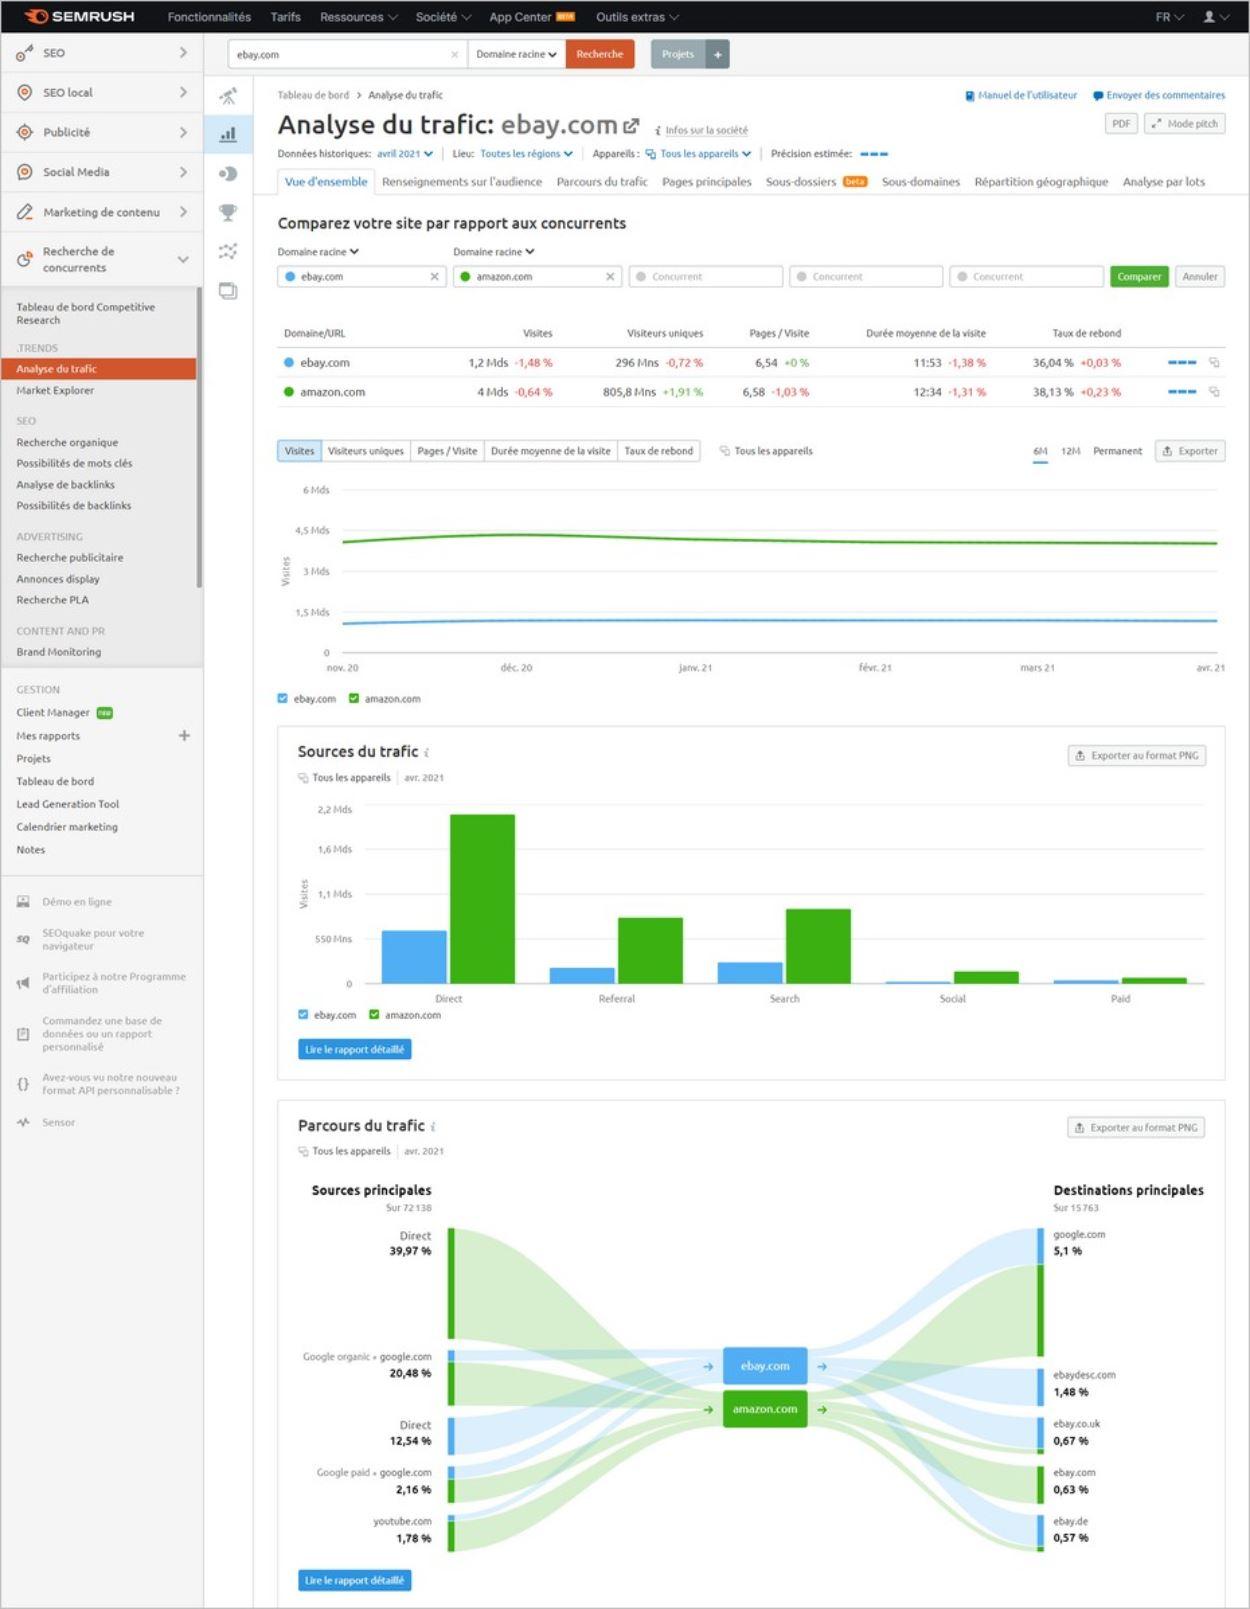 Aperçu de l'interface de Semrush .Trends